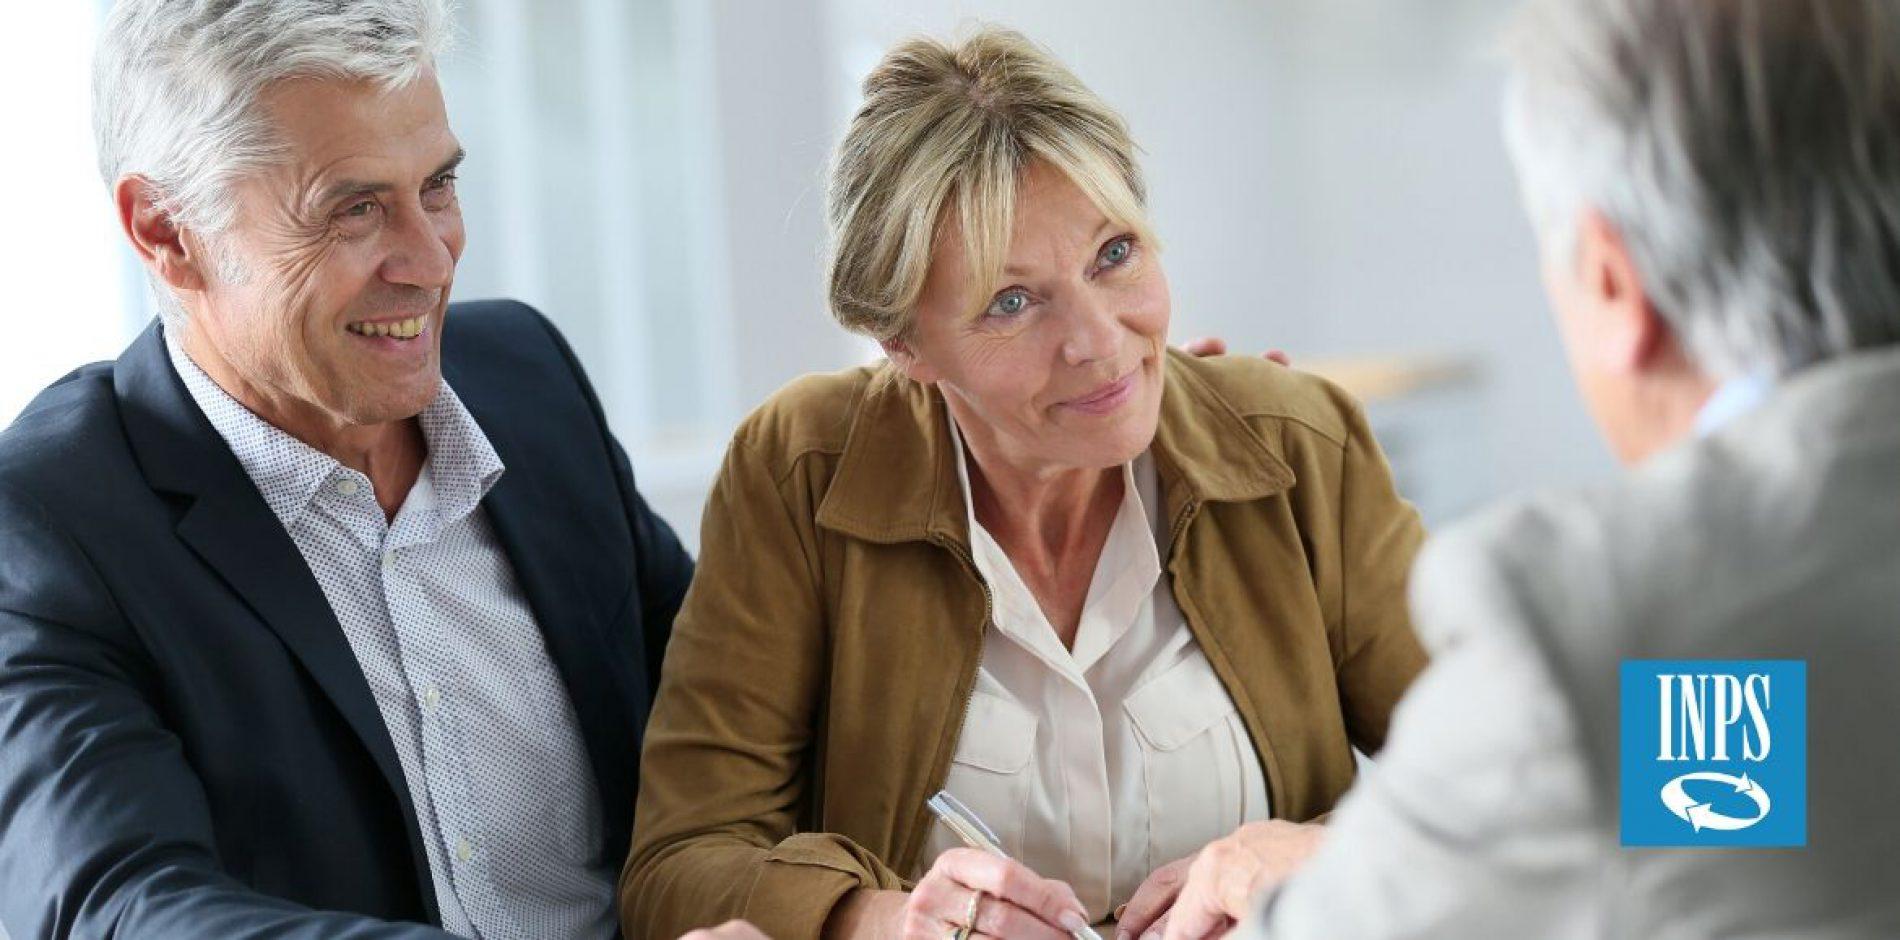 Proroga Opzione donna – Pensionamento anticipato anche nel 2020